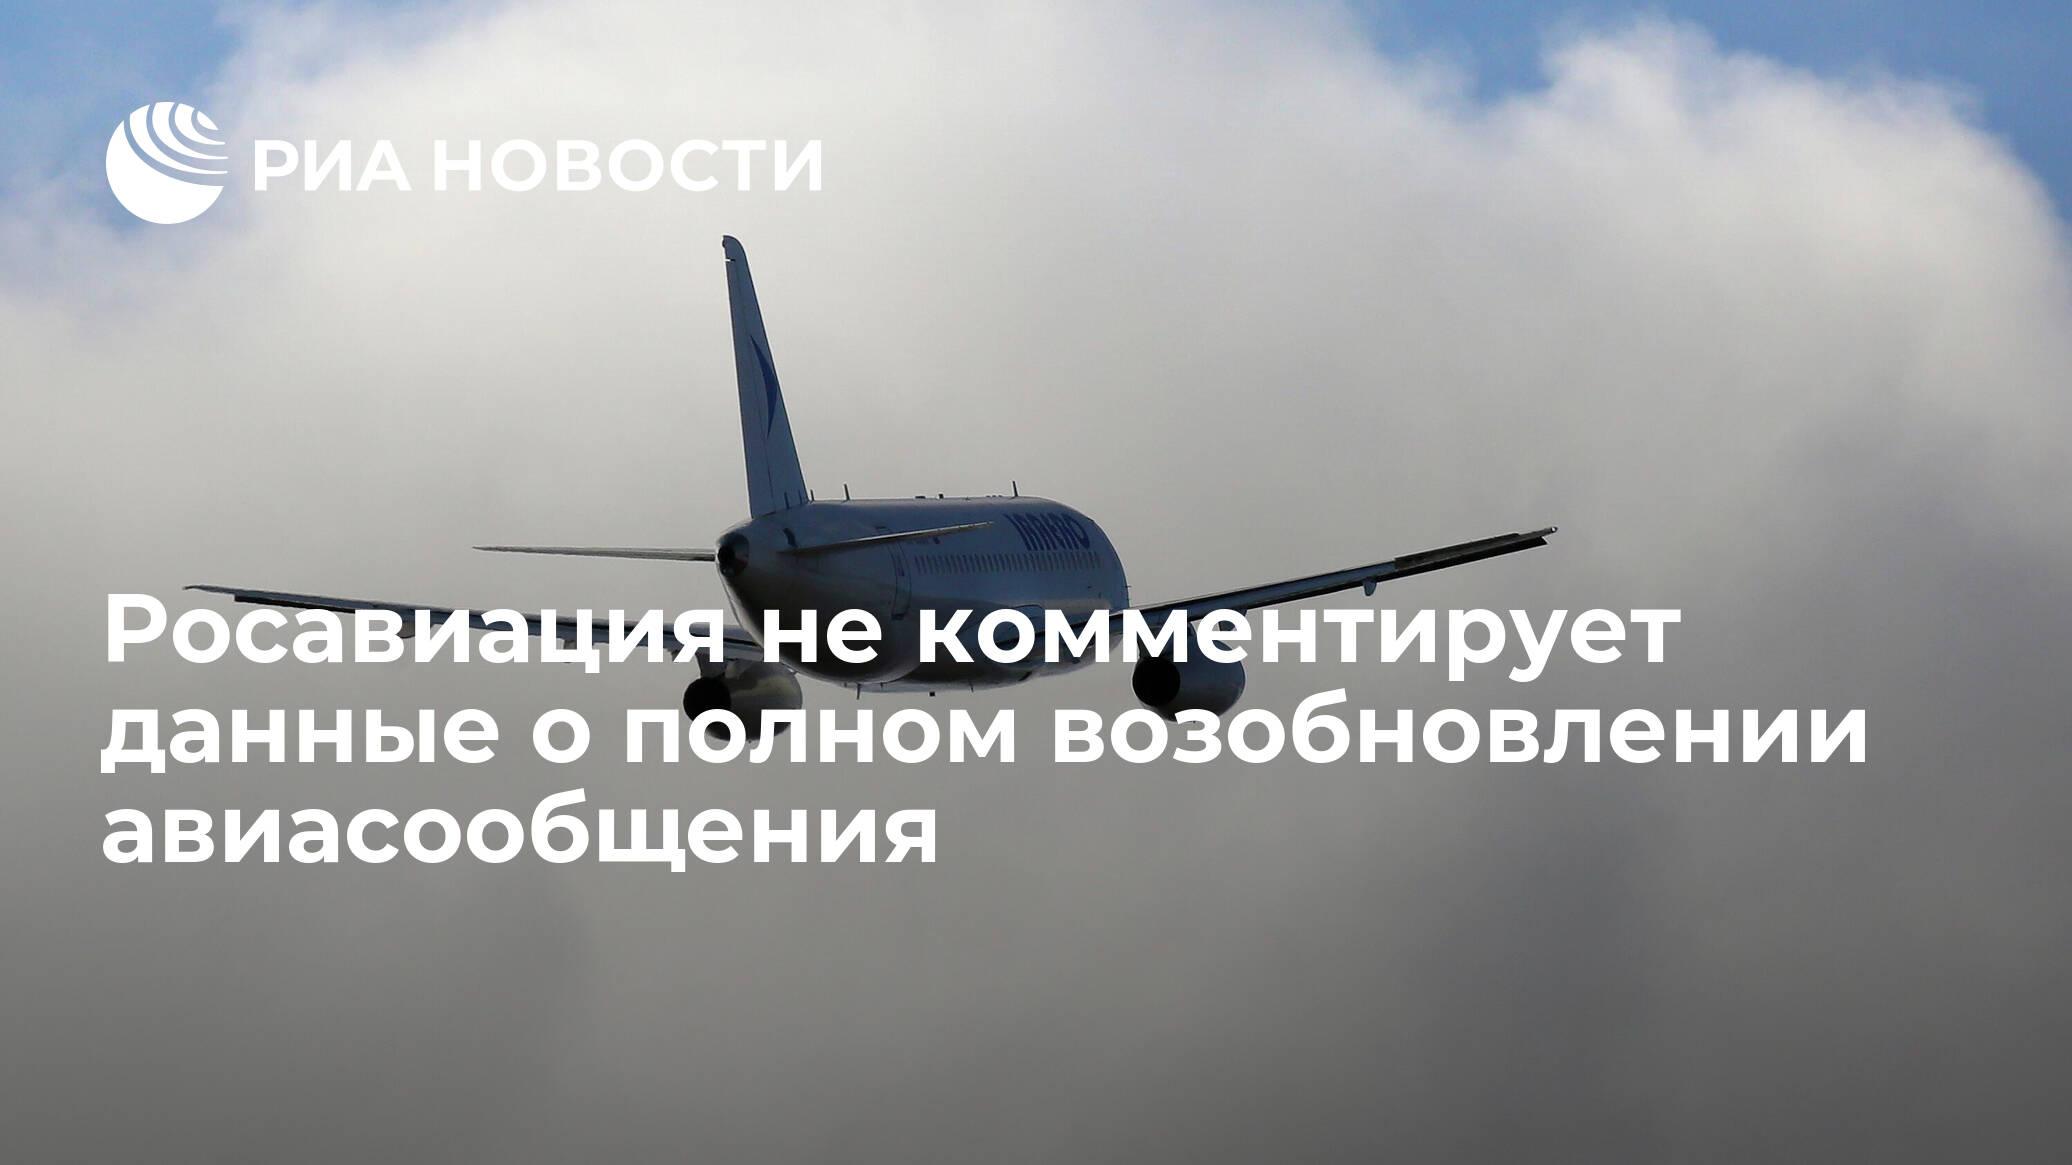 Росавиация не комментирует данные о полном возобновлении авиасообщения